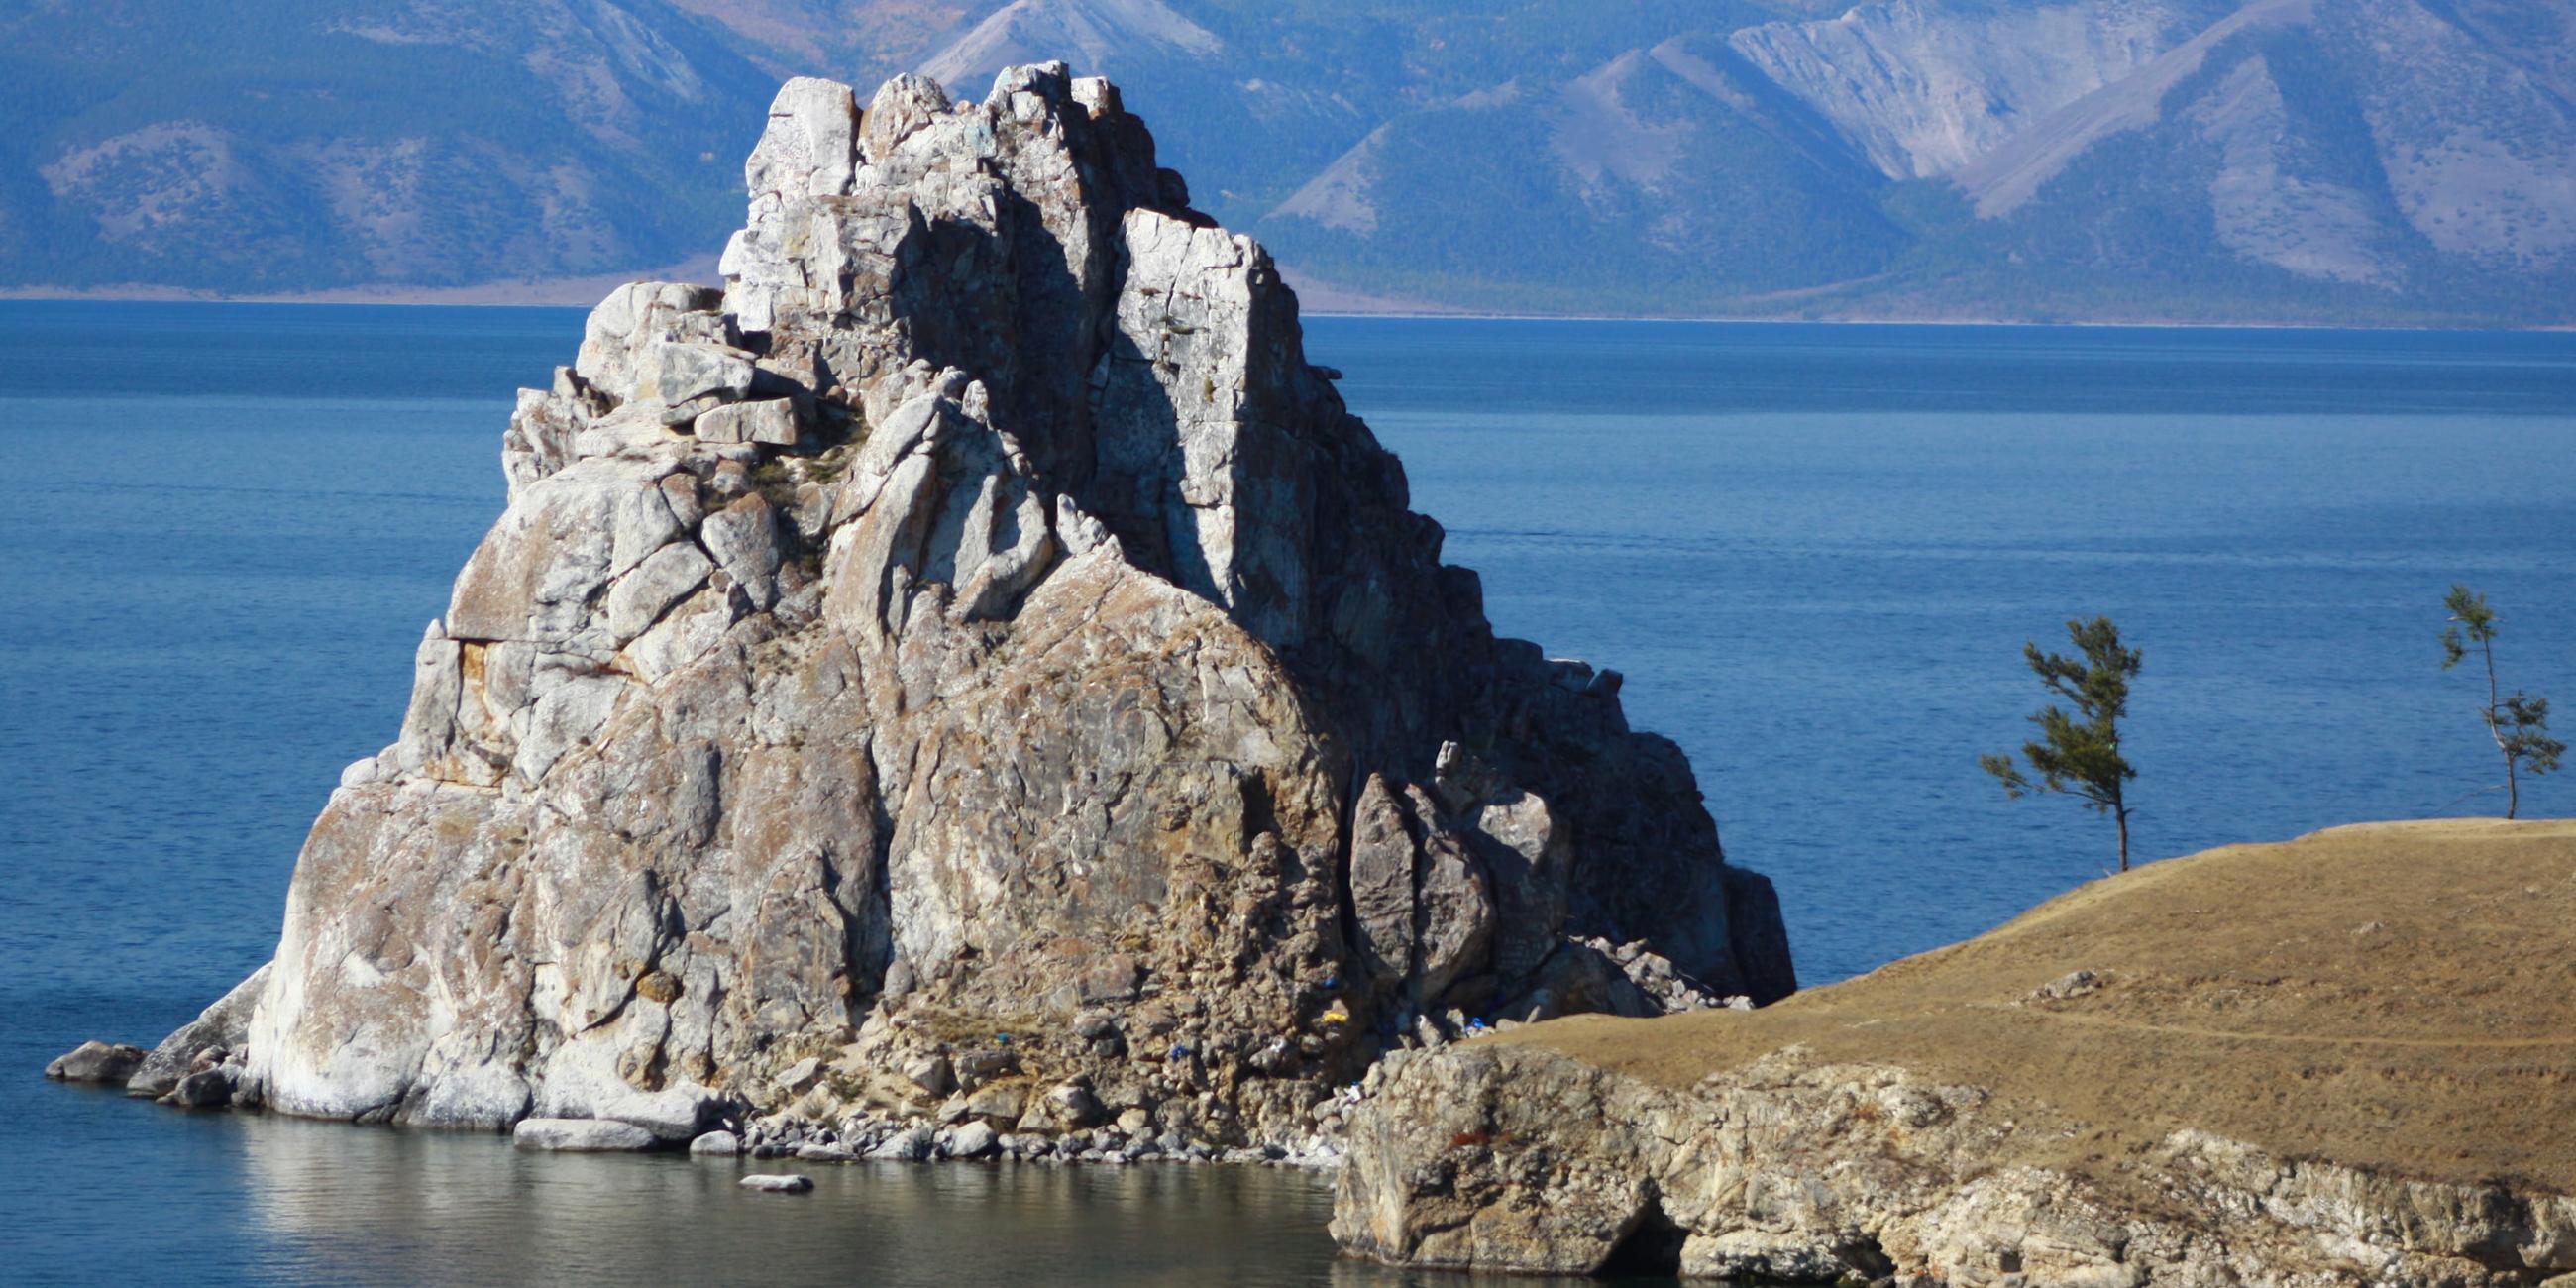 Скала Шаманка - один из образов БайкалаФото: Юлия Пыхалова,